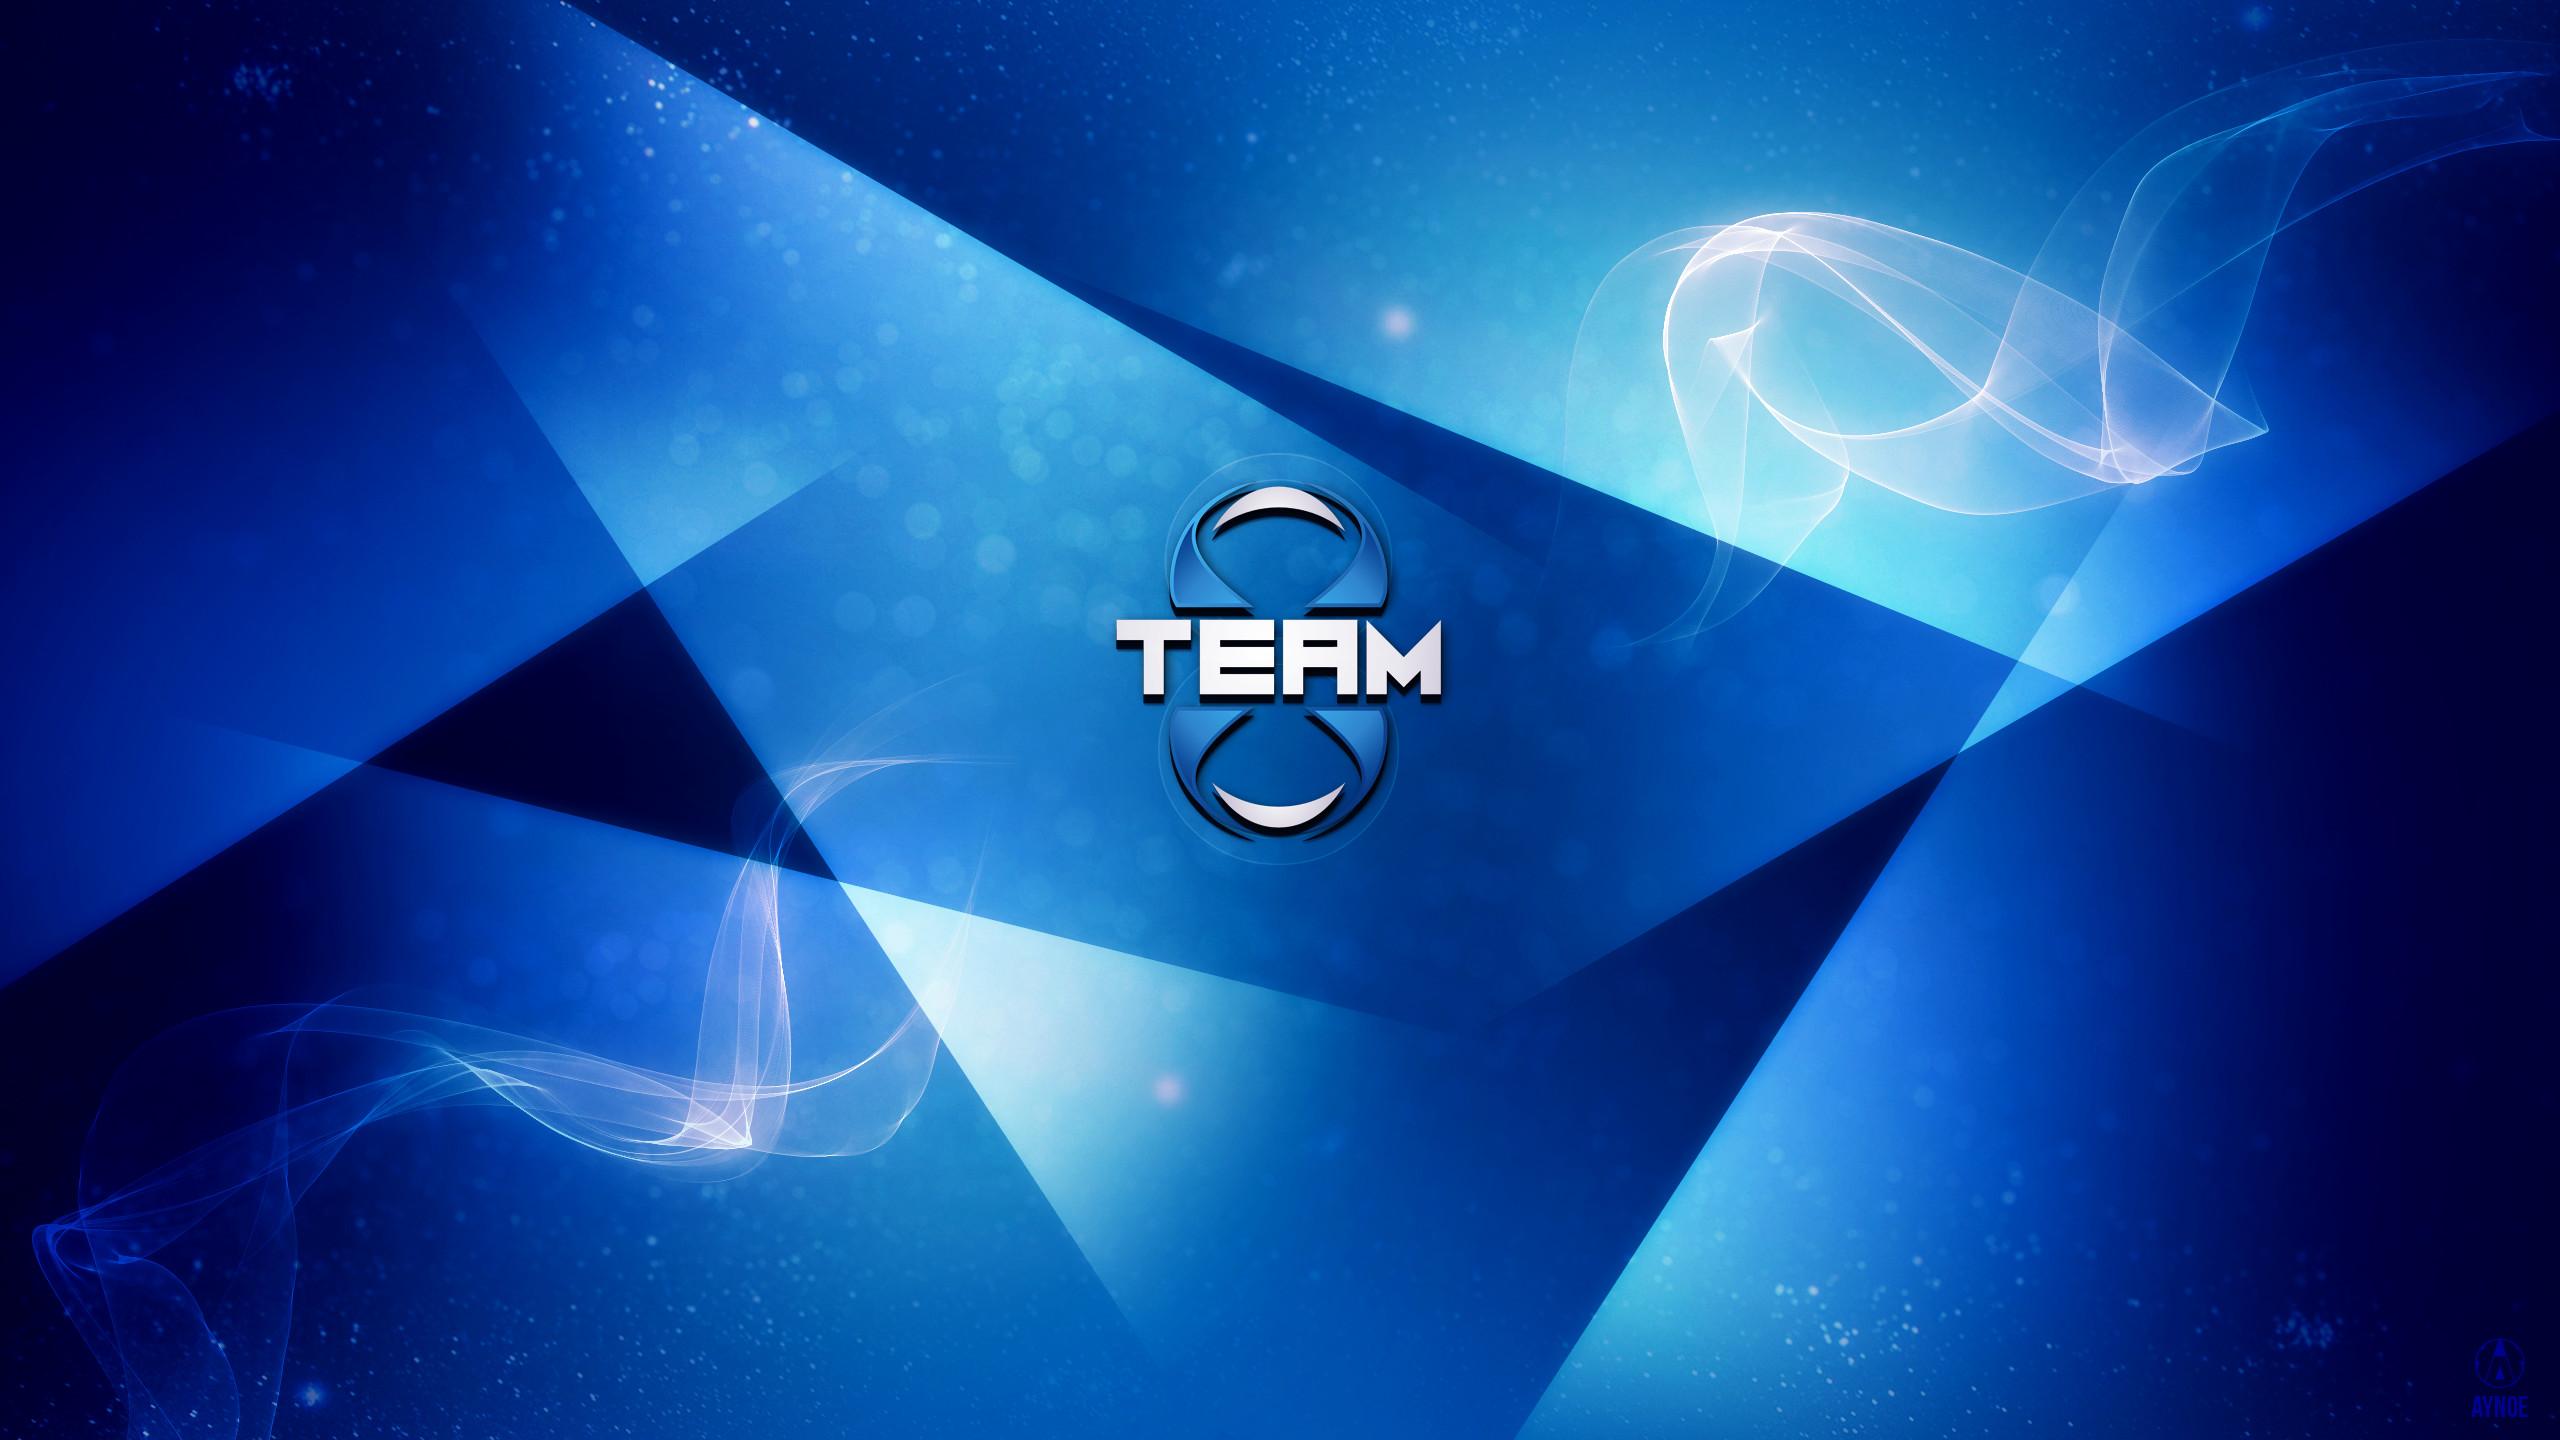 … Team 8 Wallpaper Logo – League of Legends by Aynoe